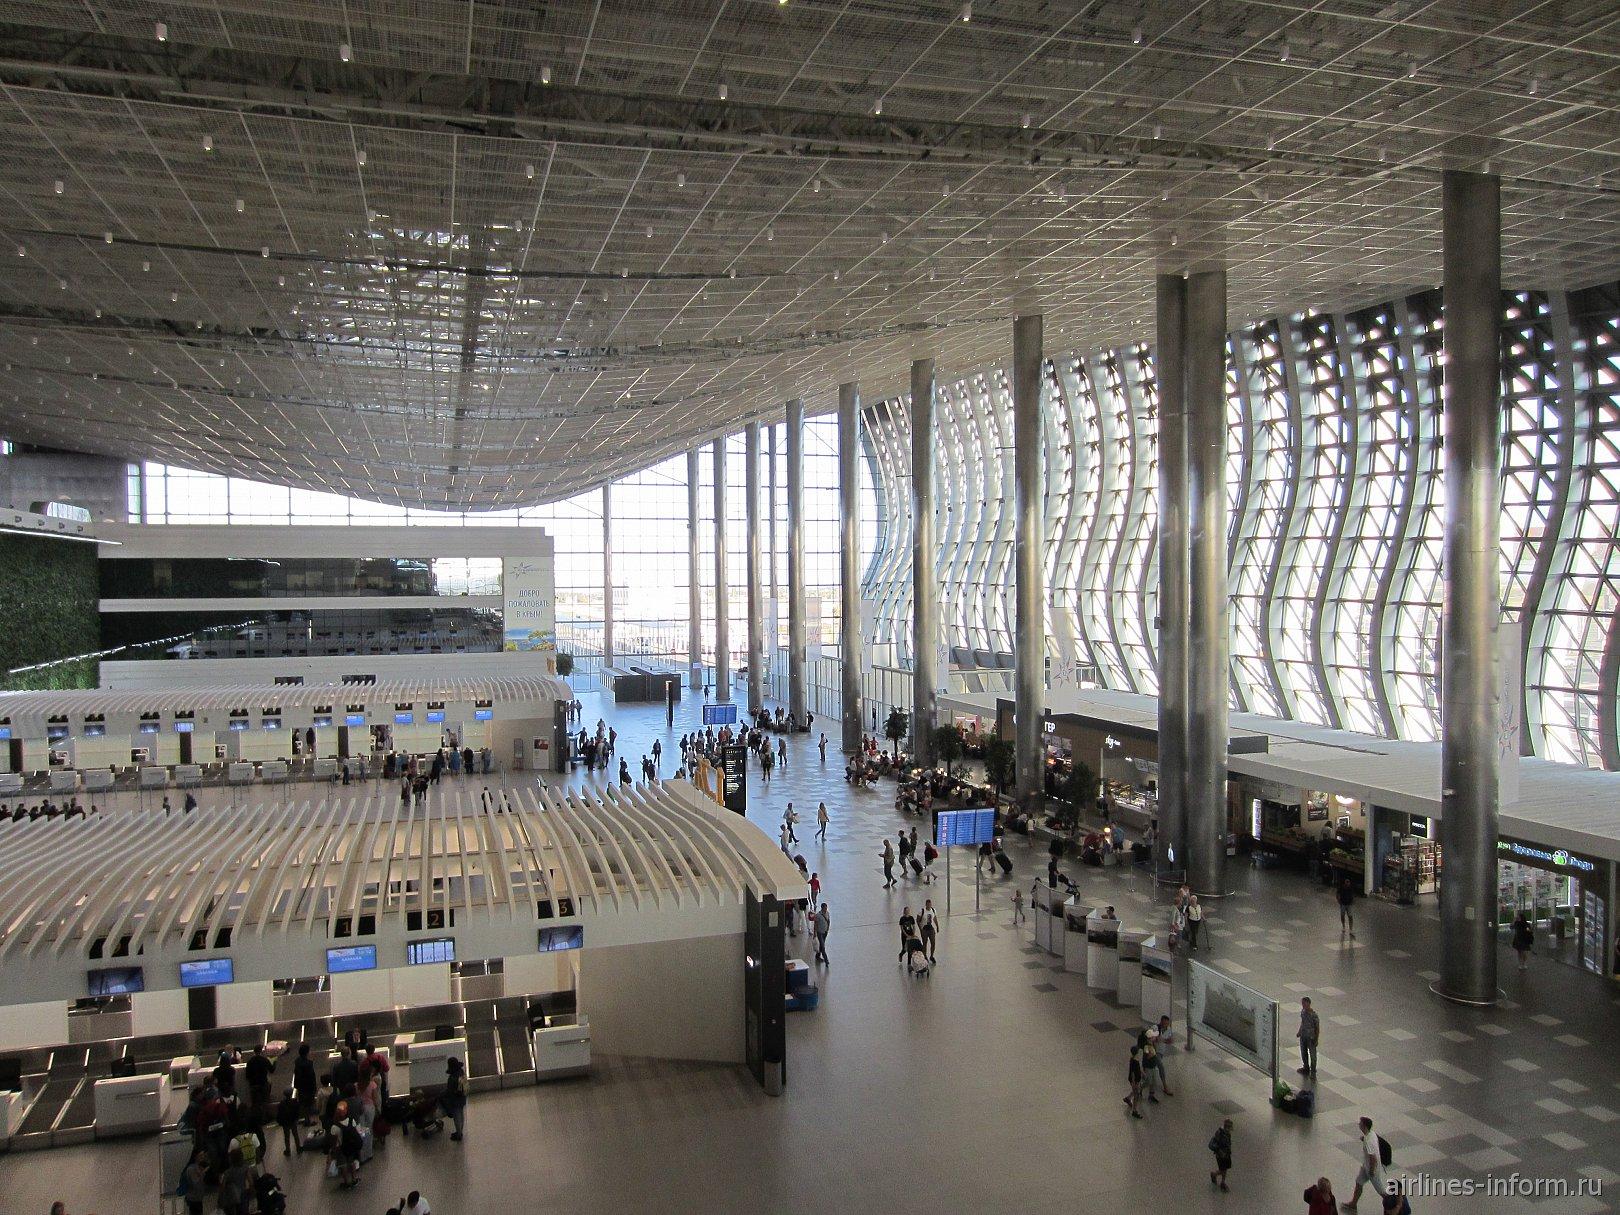 Общий вид пассажирского терминала аэропорта Симферополь со смотровой площадки на 3-м этаже